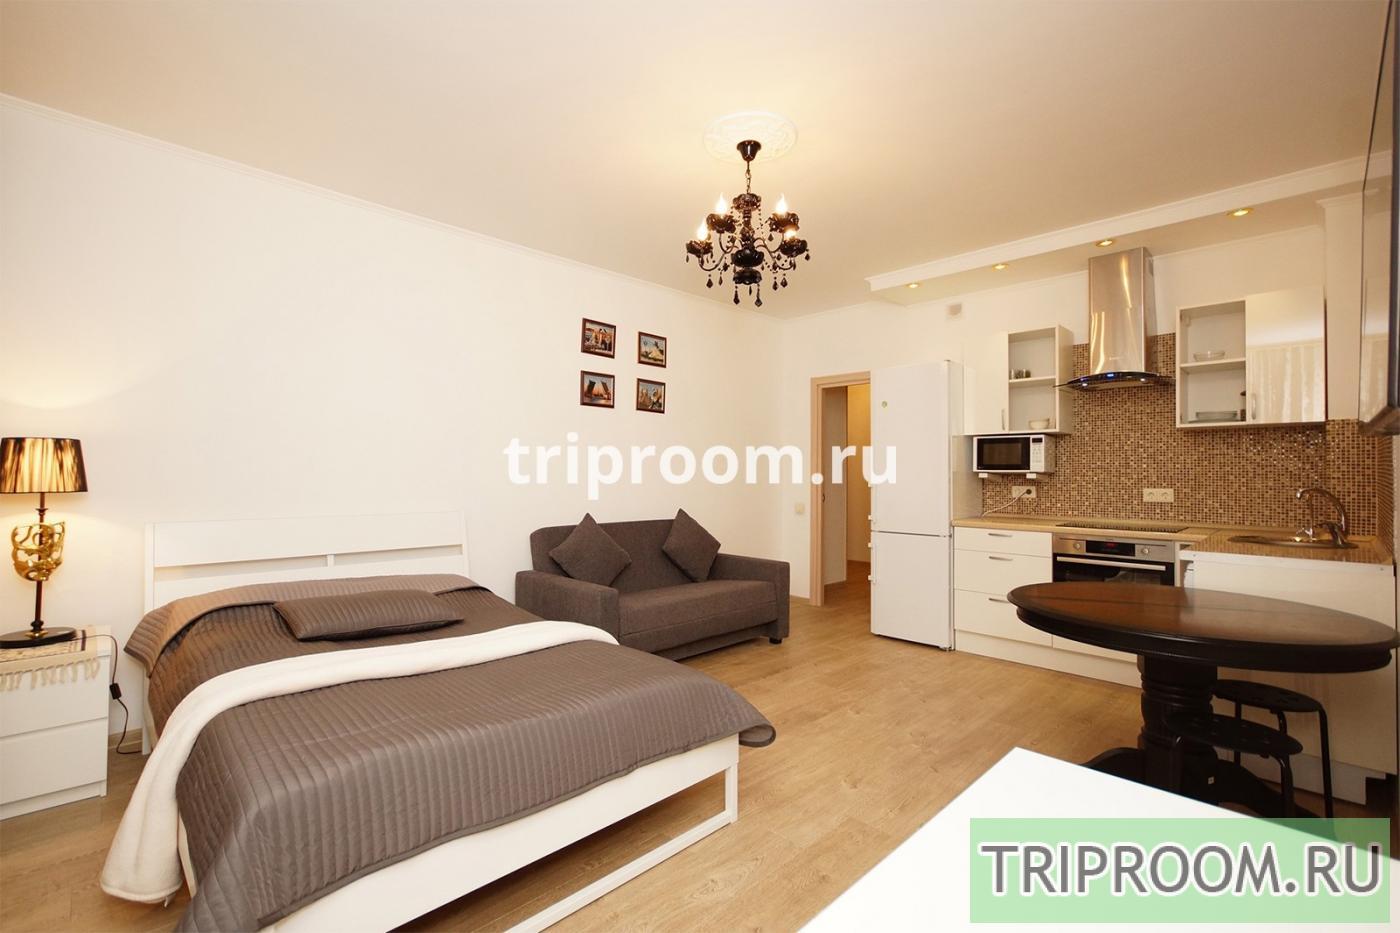 1-комнатная квартира посуточно (вариант № 17278), ул. Полтавский проезд, фото № 2